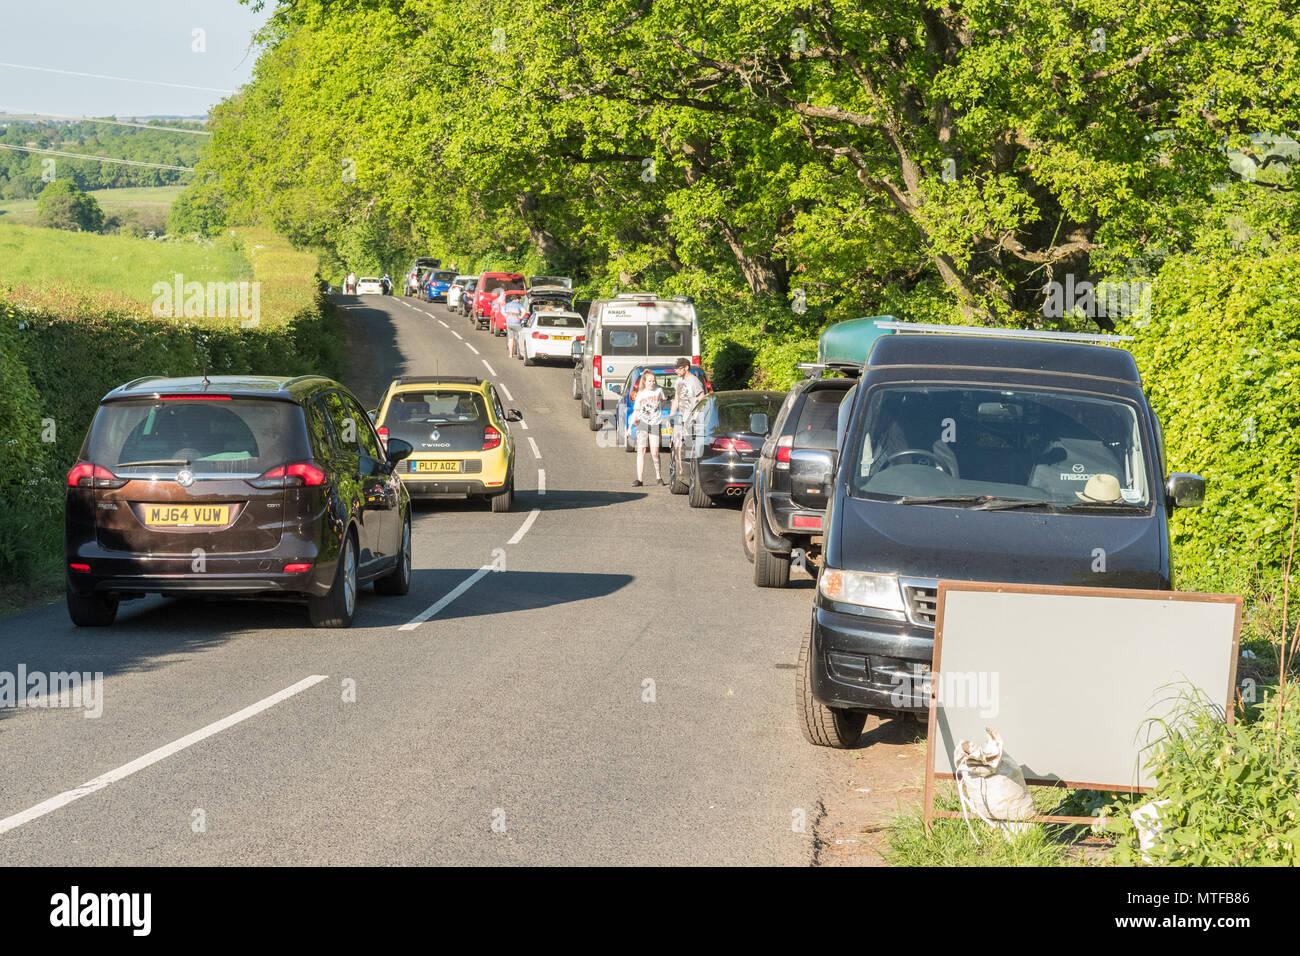 Presión del turismo y problemas de aparcamiento - automóviles estacionados a lo largo de la carretera B834 como la gente visita los Diablos púlpito Finnich Glen, Killearn, Escocia, Reino Unido Imagen De Stock